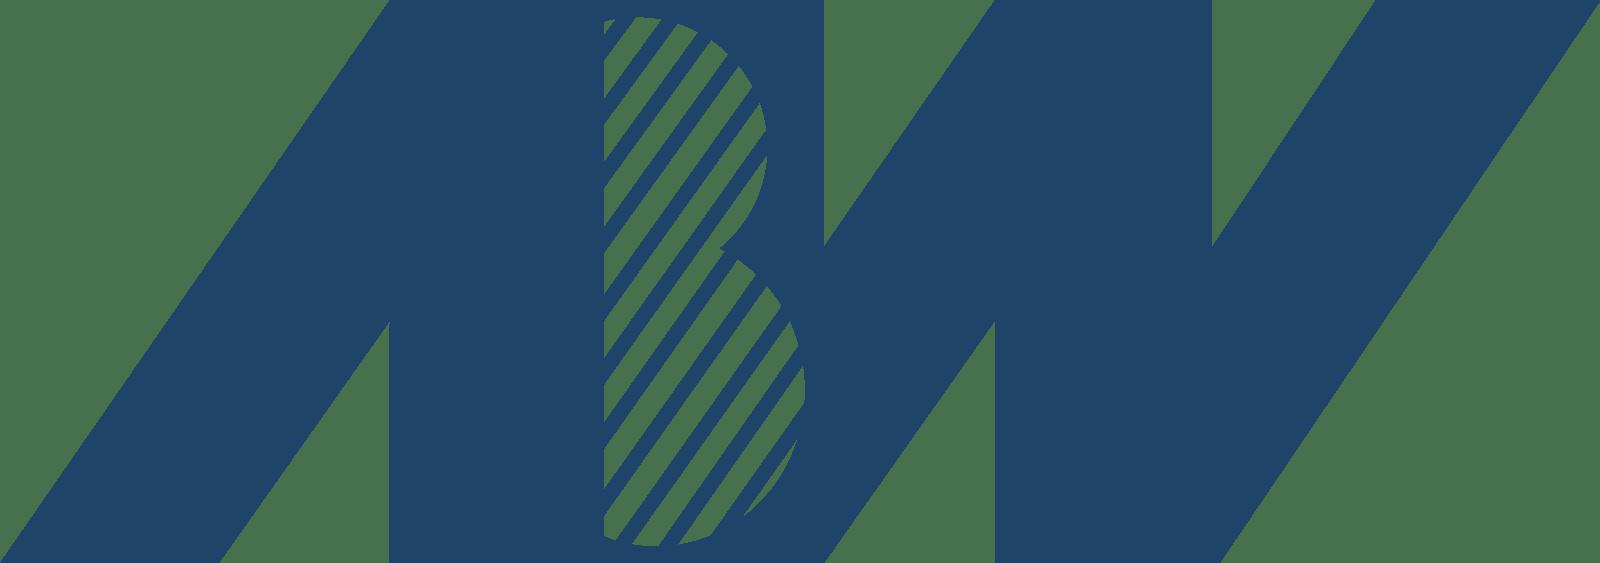 ABW company logo